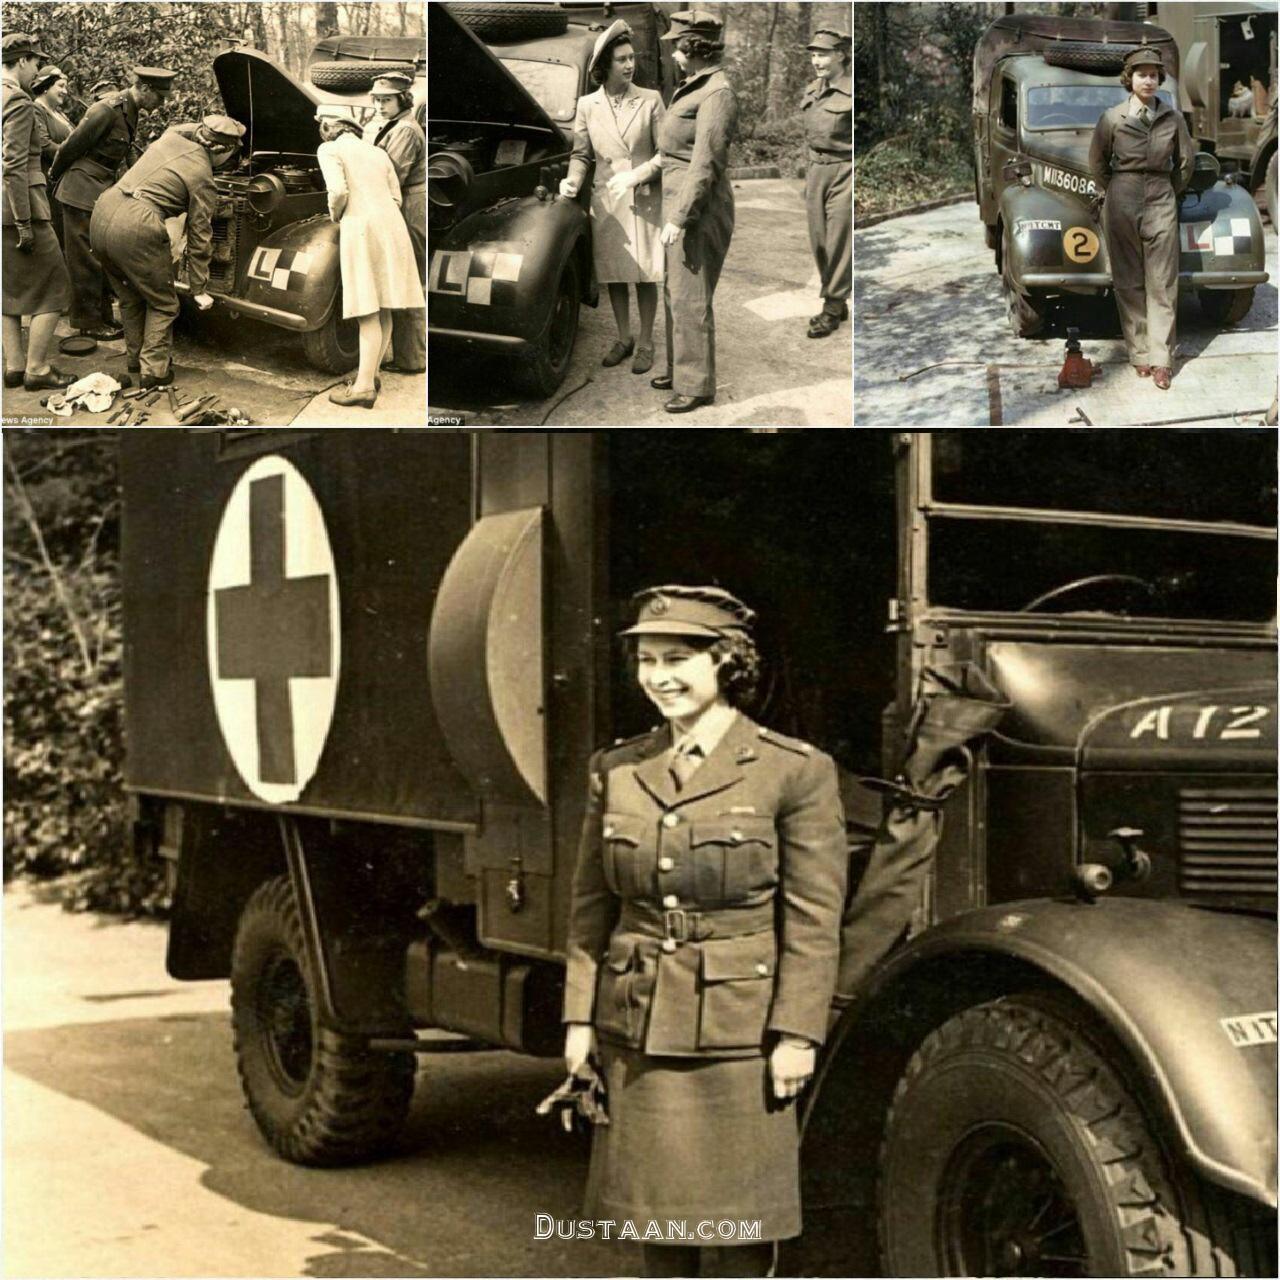 www.dustaan.com ملکه بریتانیا زمانی که یک مکانیک بود! +تصاویر